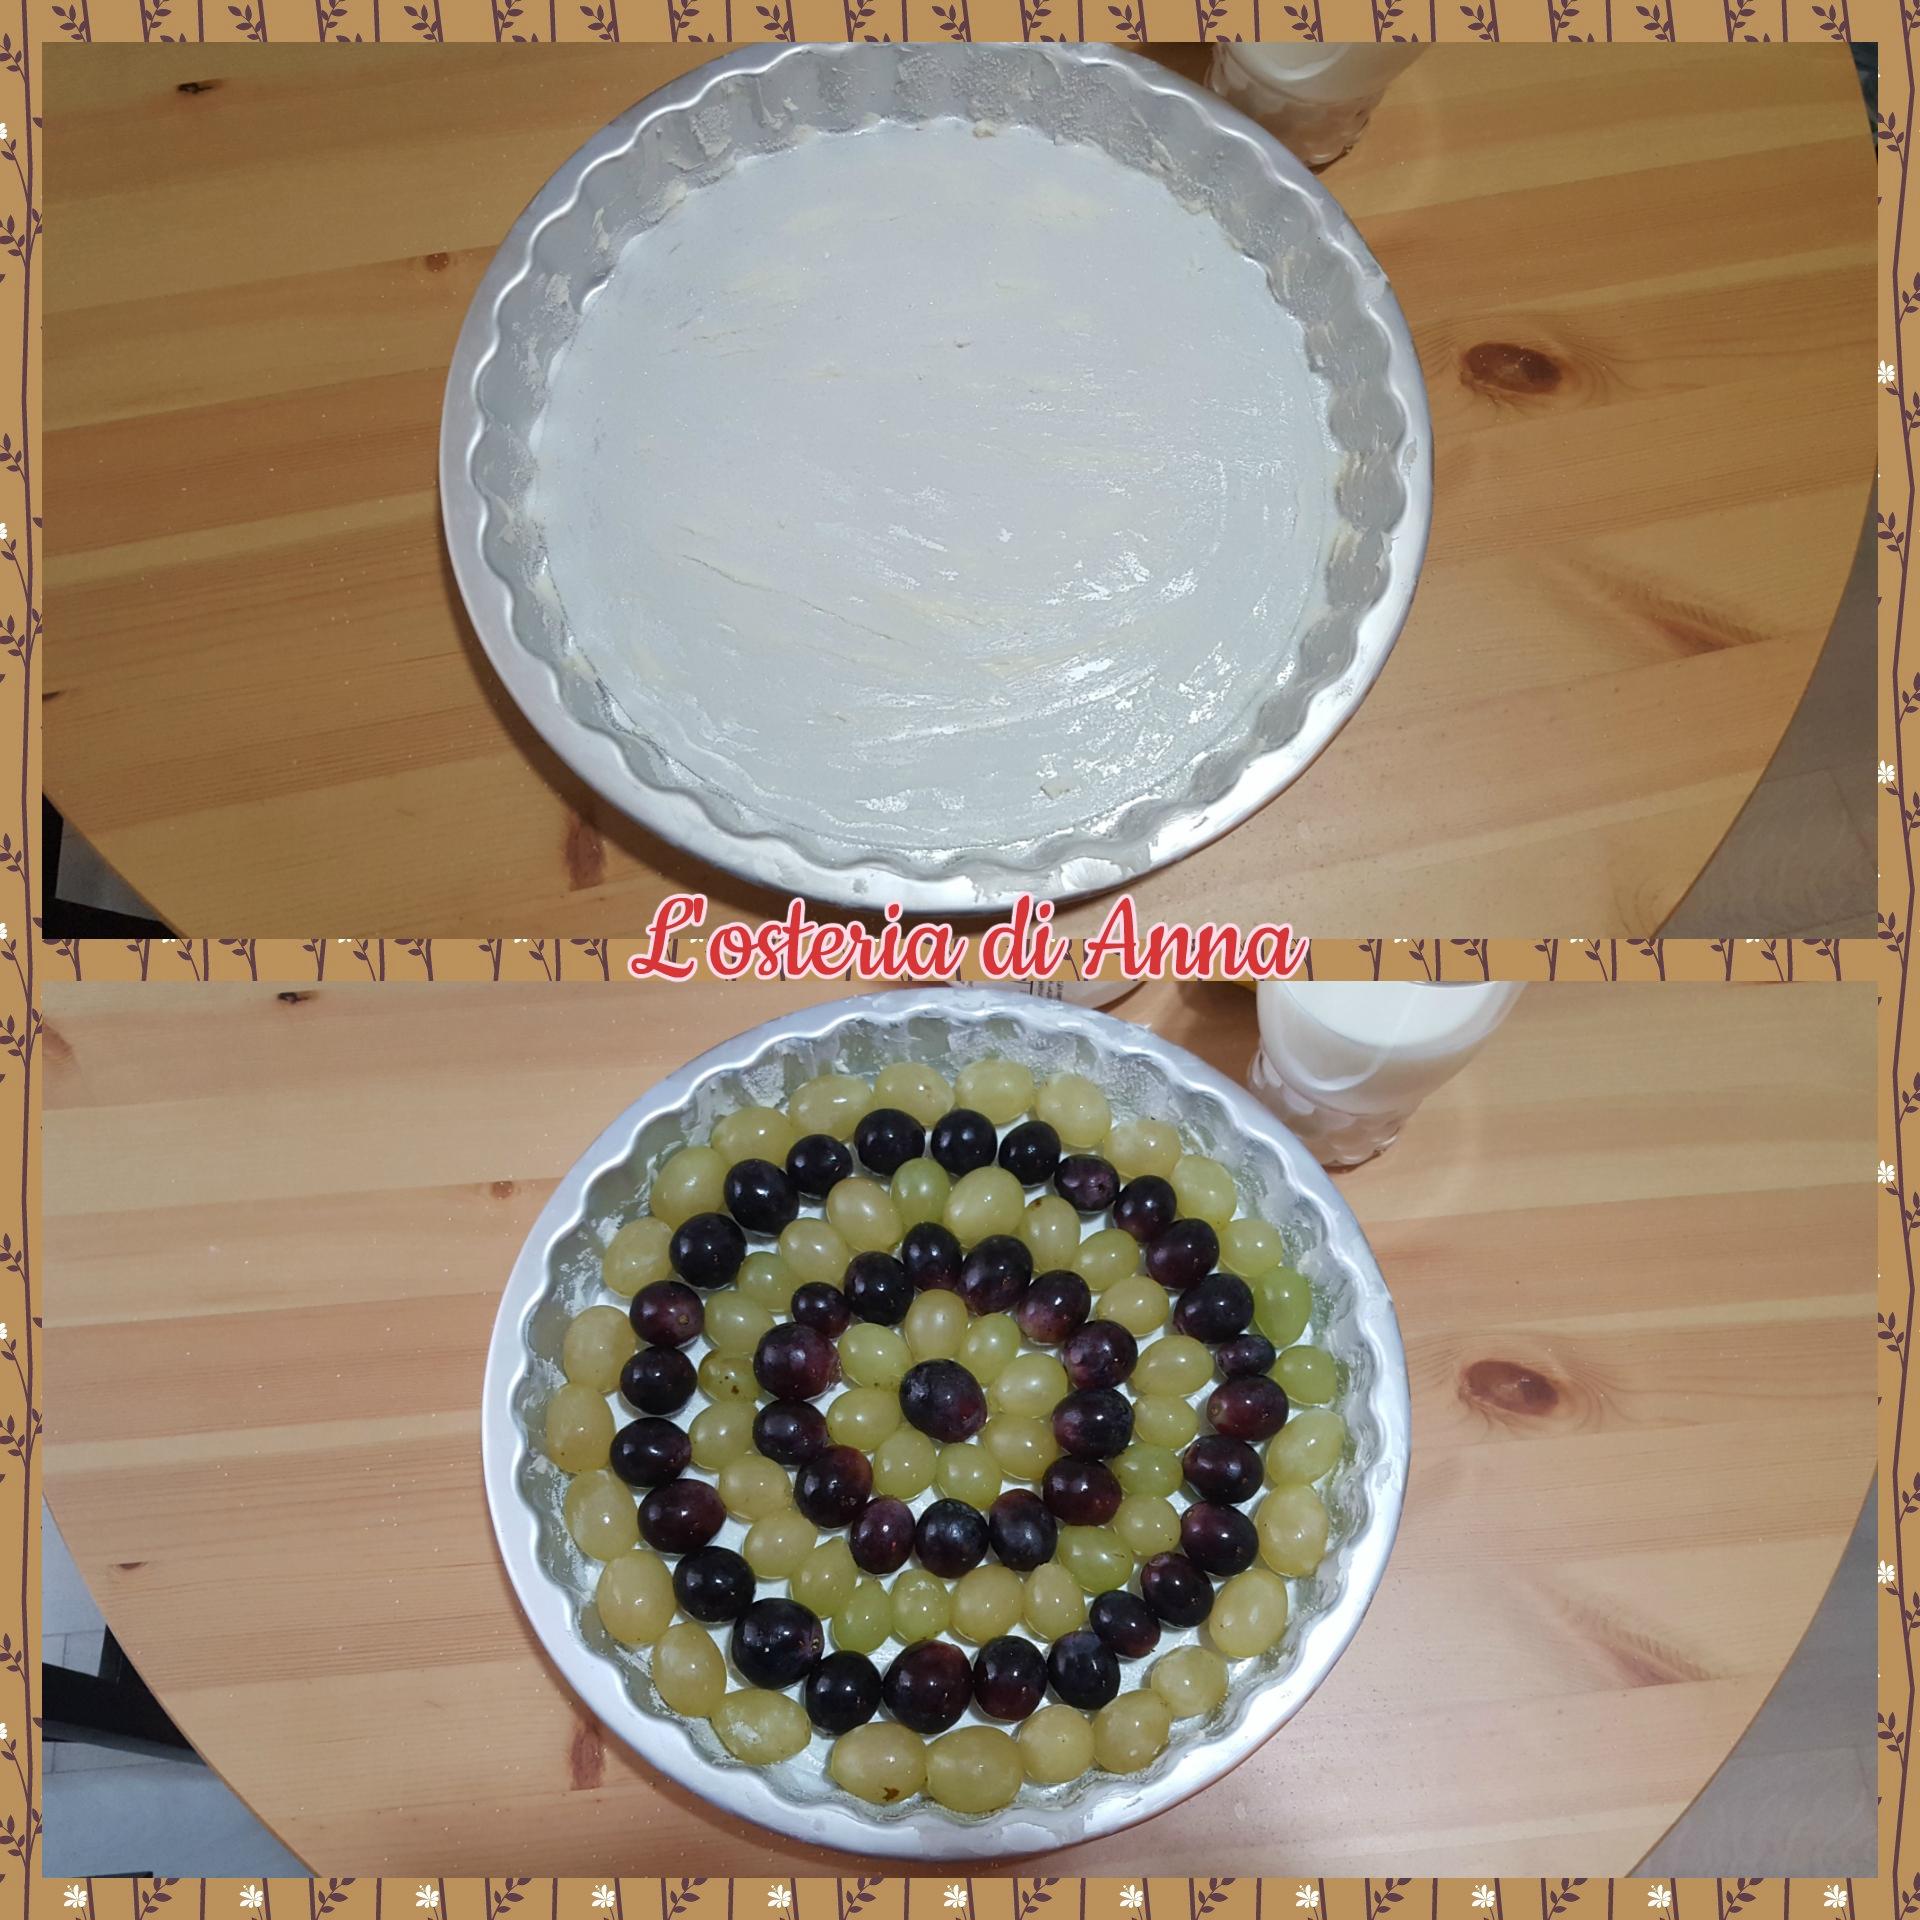 Imburrare la tortiera e disporre i chicchi di uva all'interno